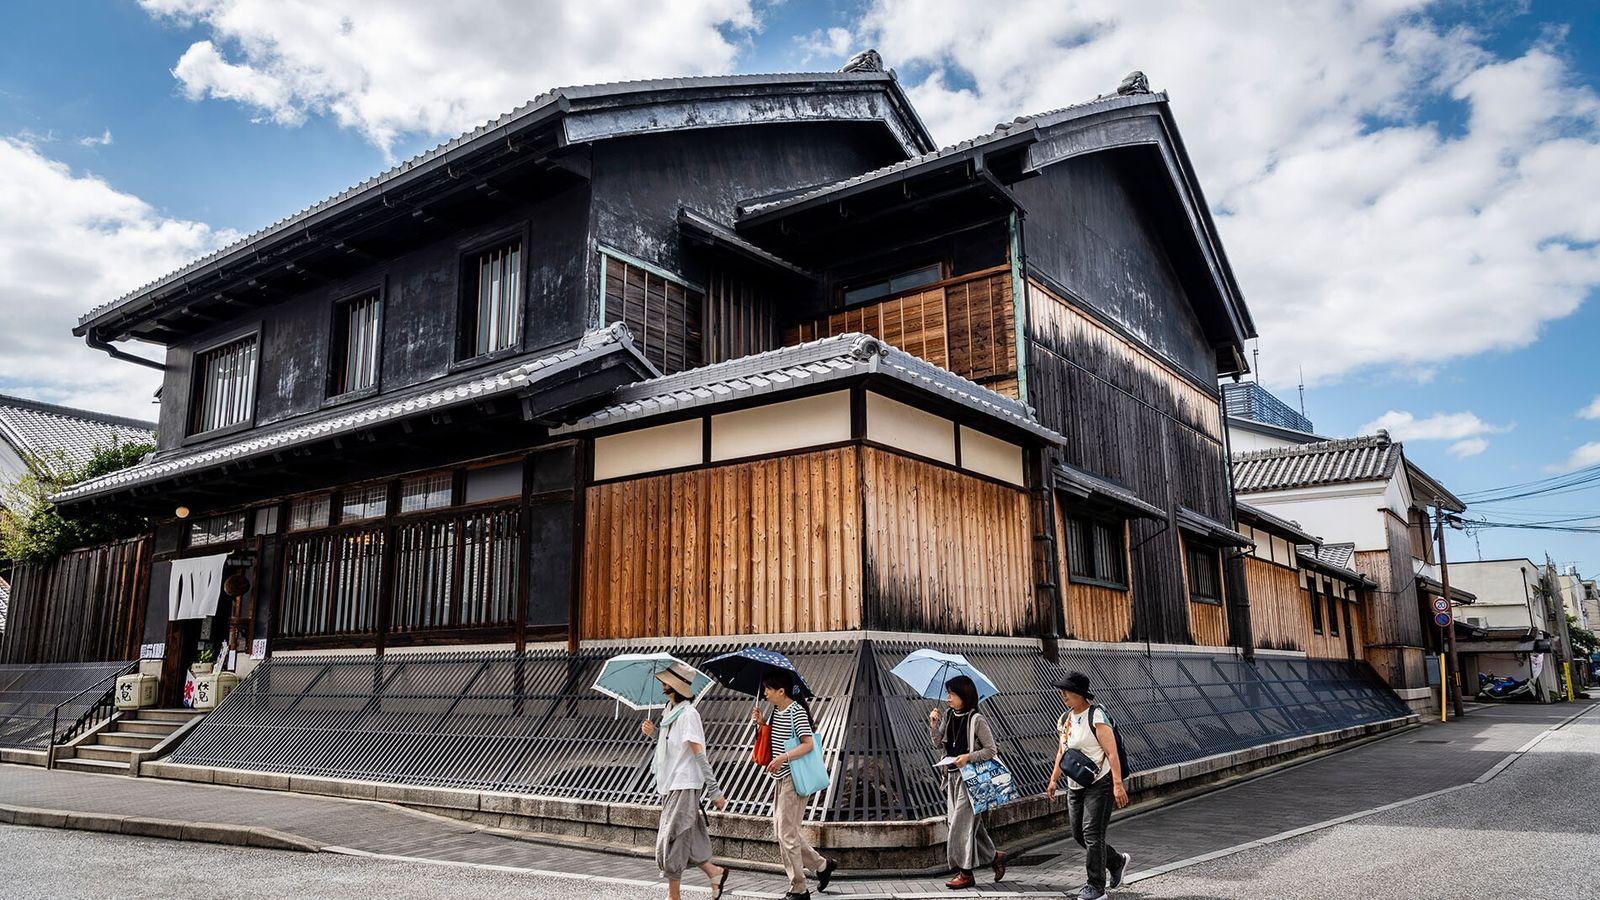 Visitors to Kansai can sip on sake at some of the oldest sakagura (breweries) in Japan.